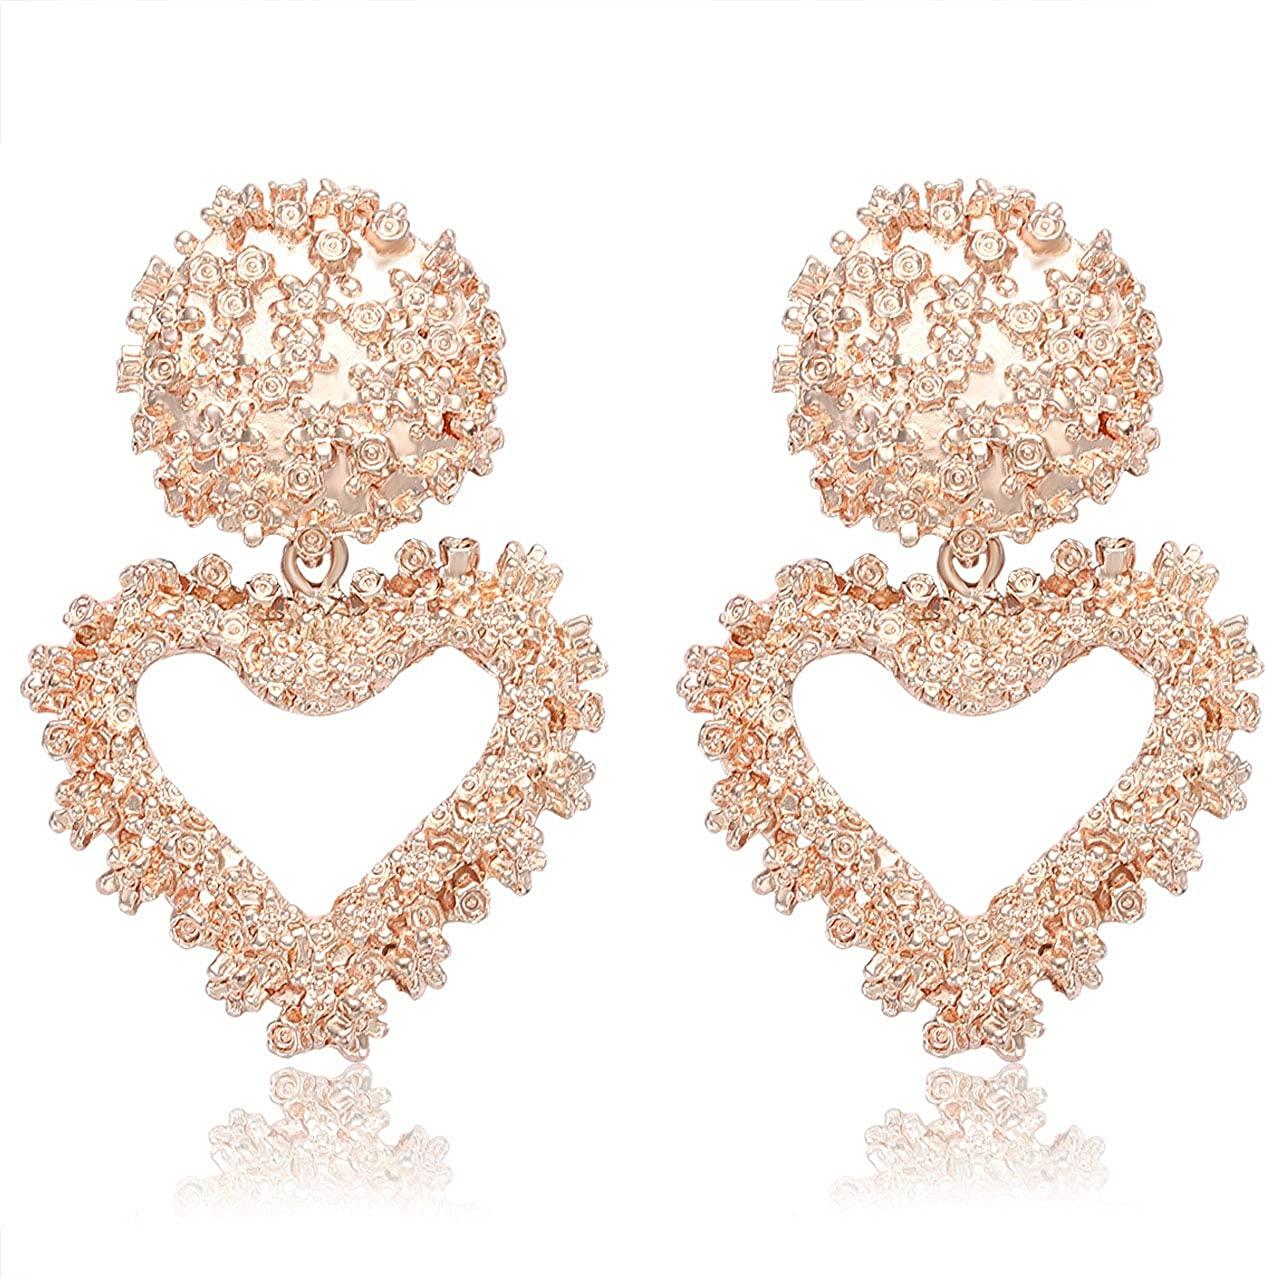 YINL Statement Metal Earrings –Big Vintage Geometric Earrings Raised Design Drop Dangle Earrings Gold/Silver Textured Heart Earring for Women Girls